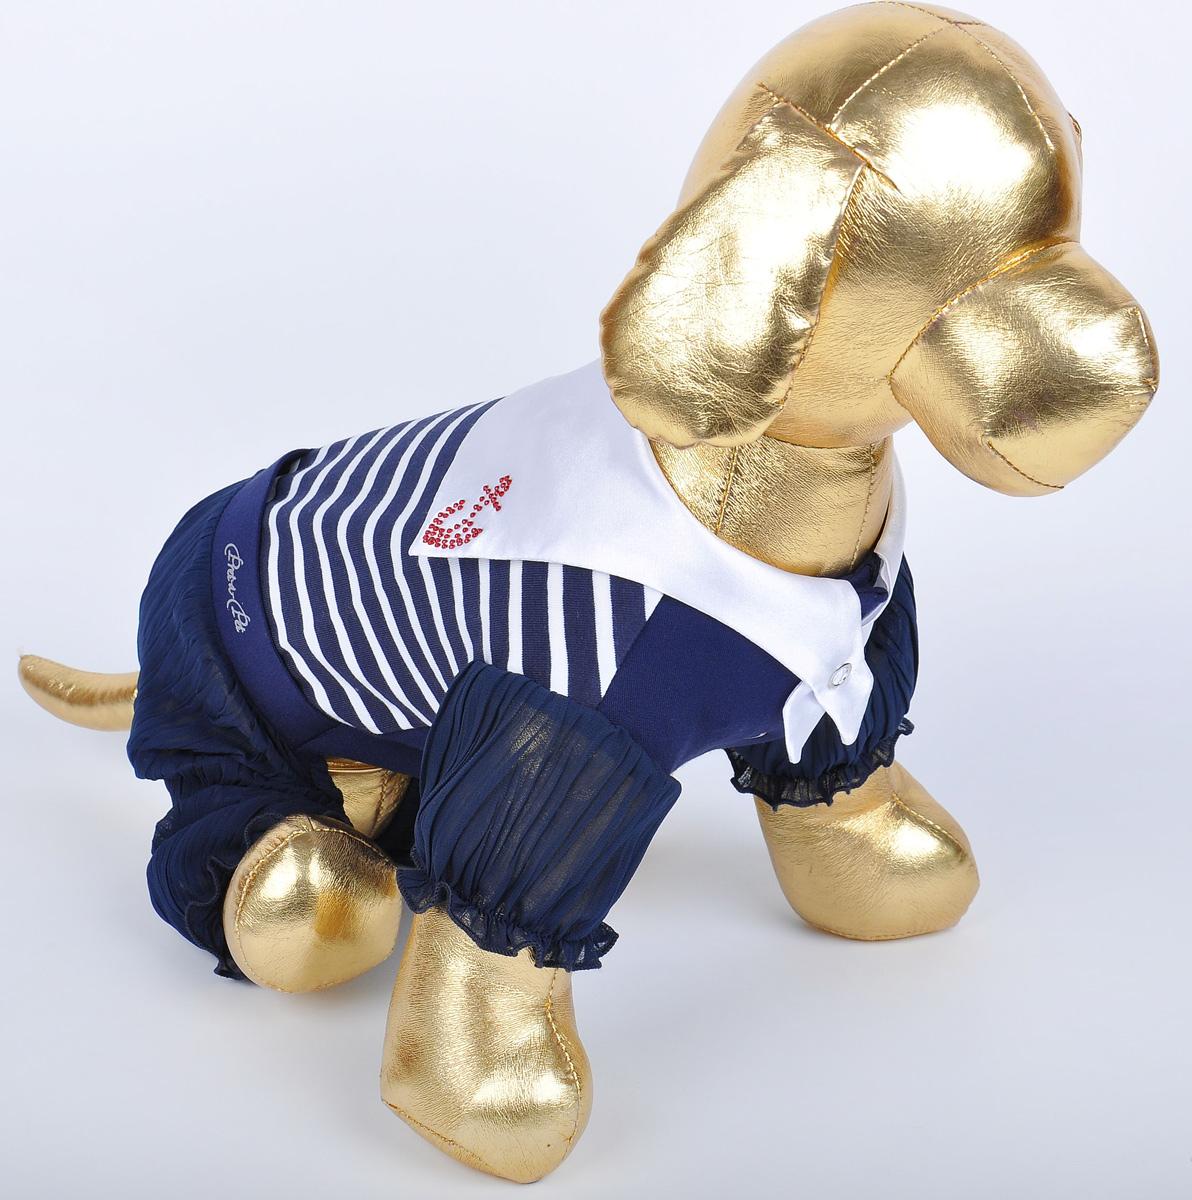 Комбинезон для собак GLG  Матросска , цвет: синий. Размер XS - Одежда, обувь, украшения